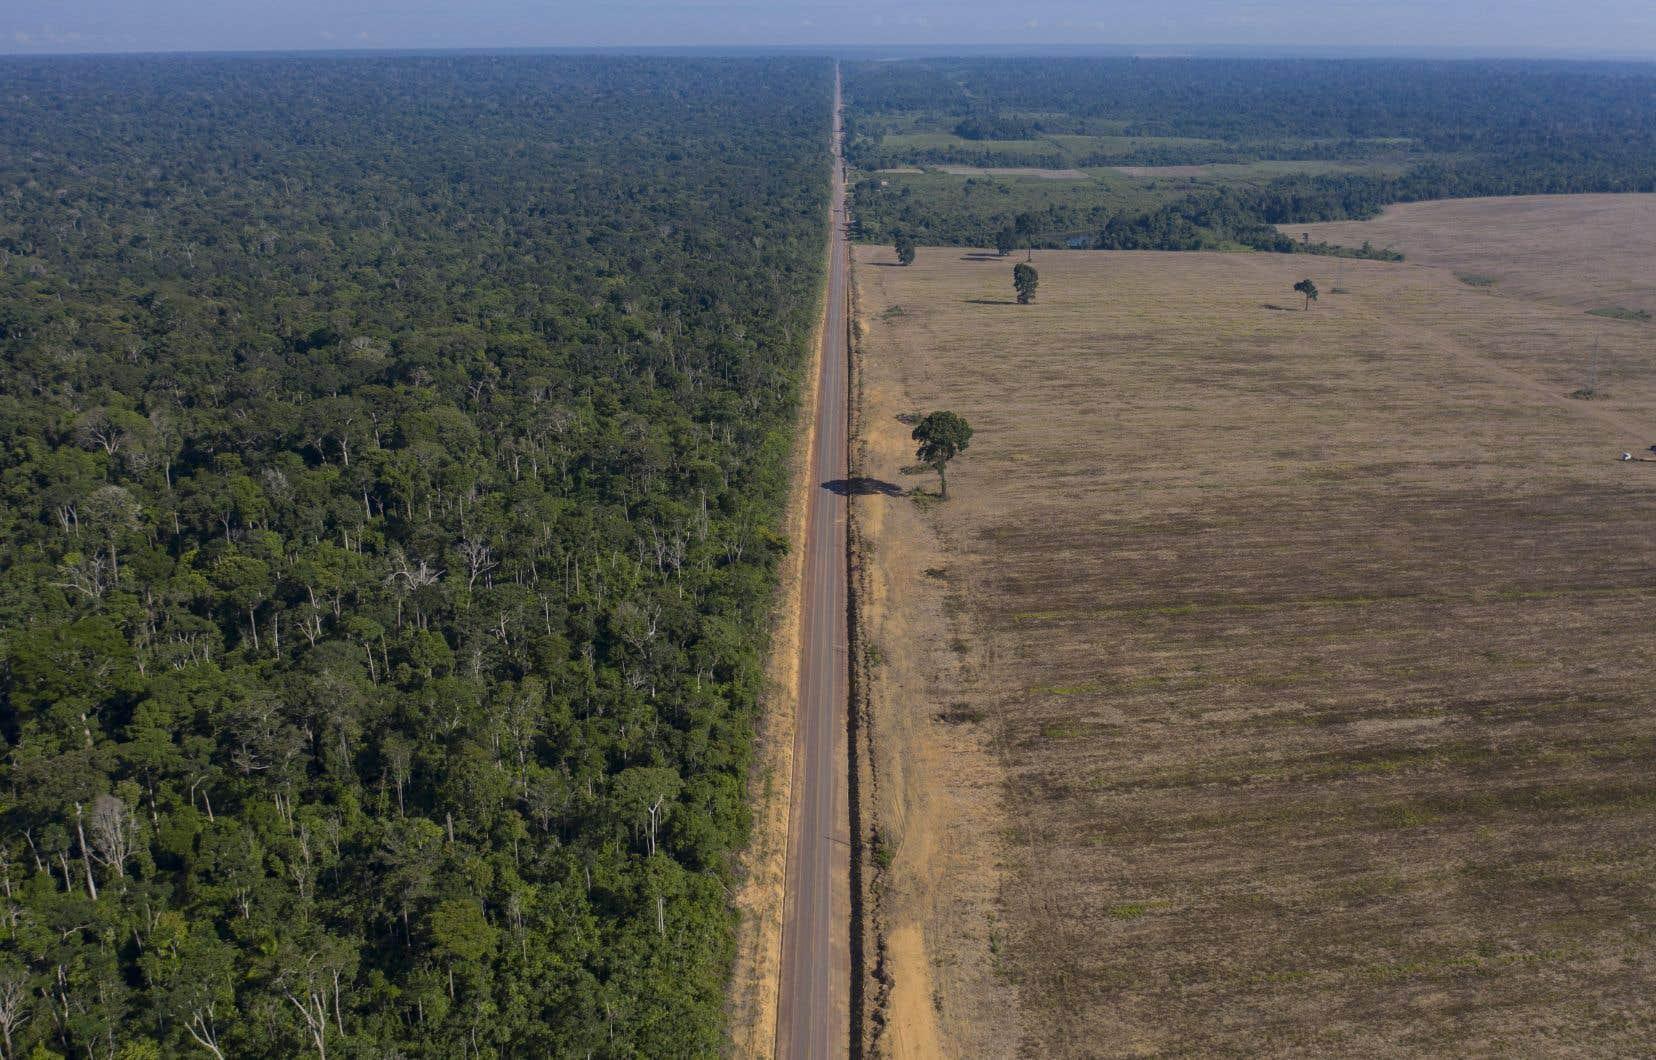 Une vue aérienne de la route BR-163, au Brésil, symbole éloquent de la déforestation accélérée de l'Amazonie. Selon la professeure Sabrina Doyon, la justice sociale et la justice environnementale doivent être remises au cœur de l'étude de l'anthropocène en anthropologie.